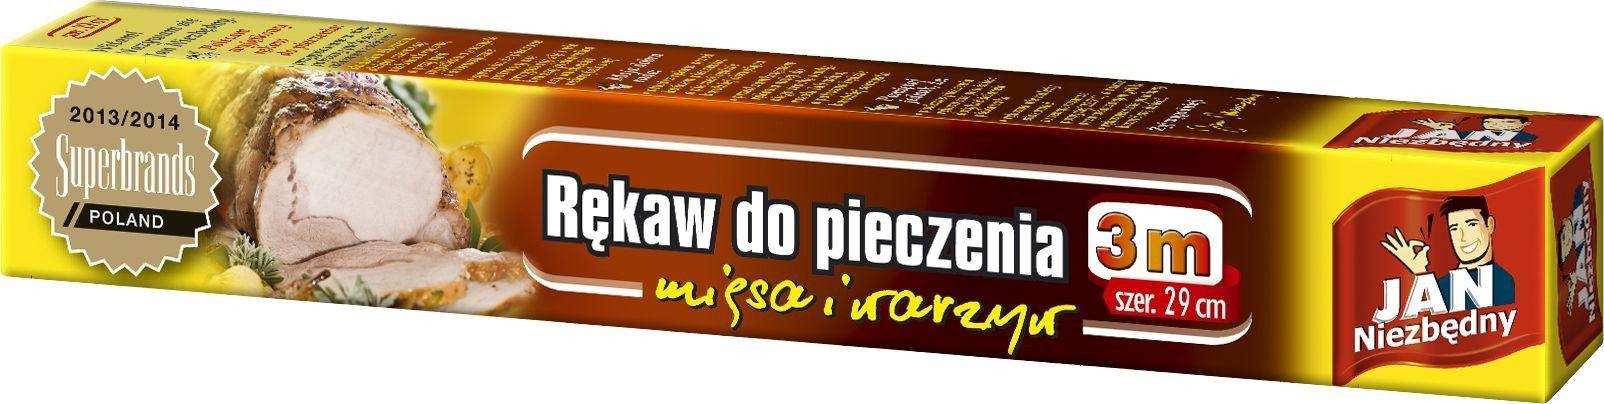 Jan Niezbędny rękaw do pieczenia 3m szer. 29cm